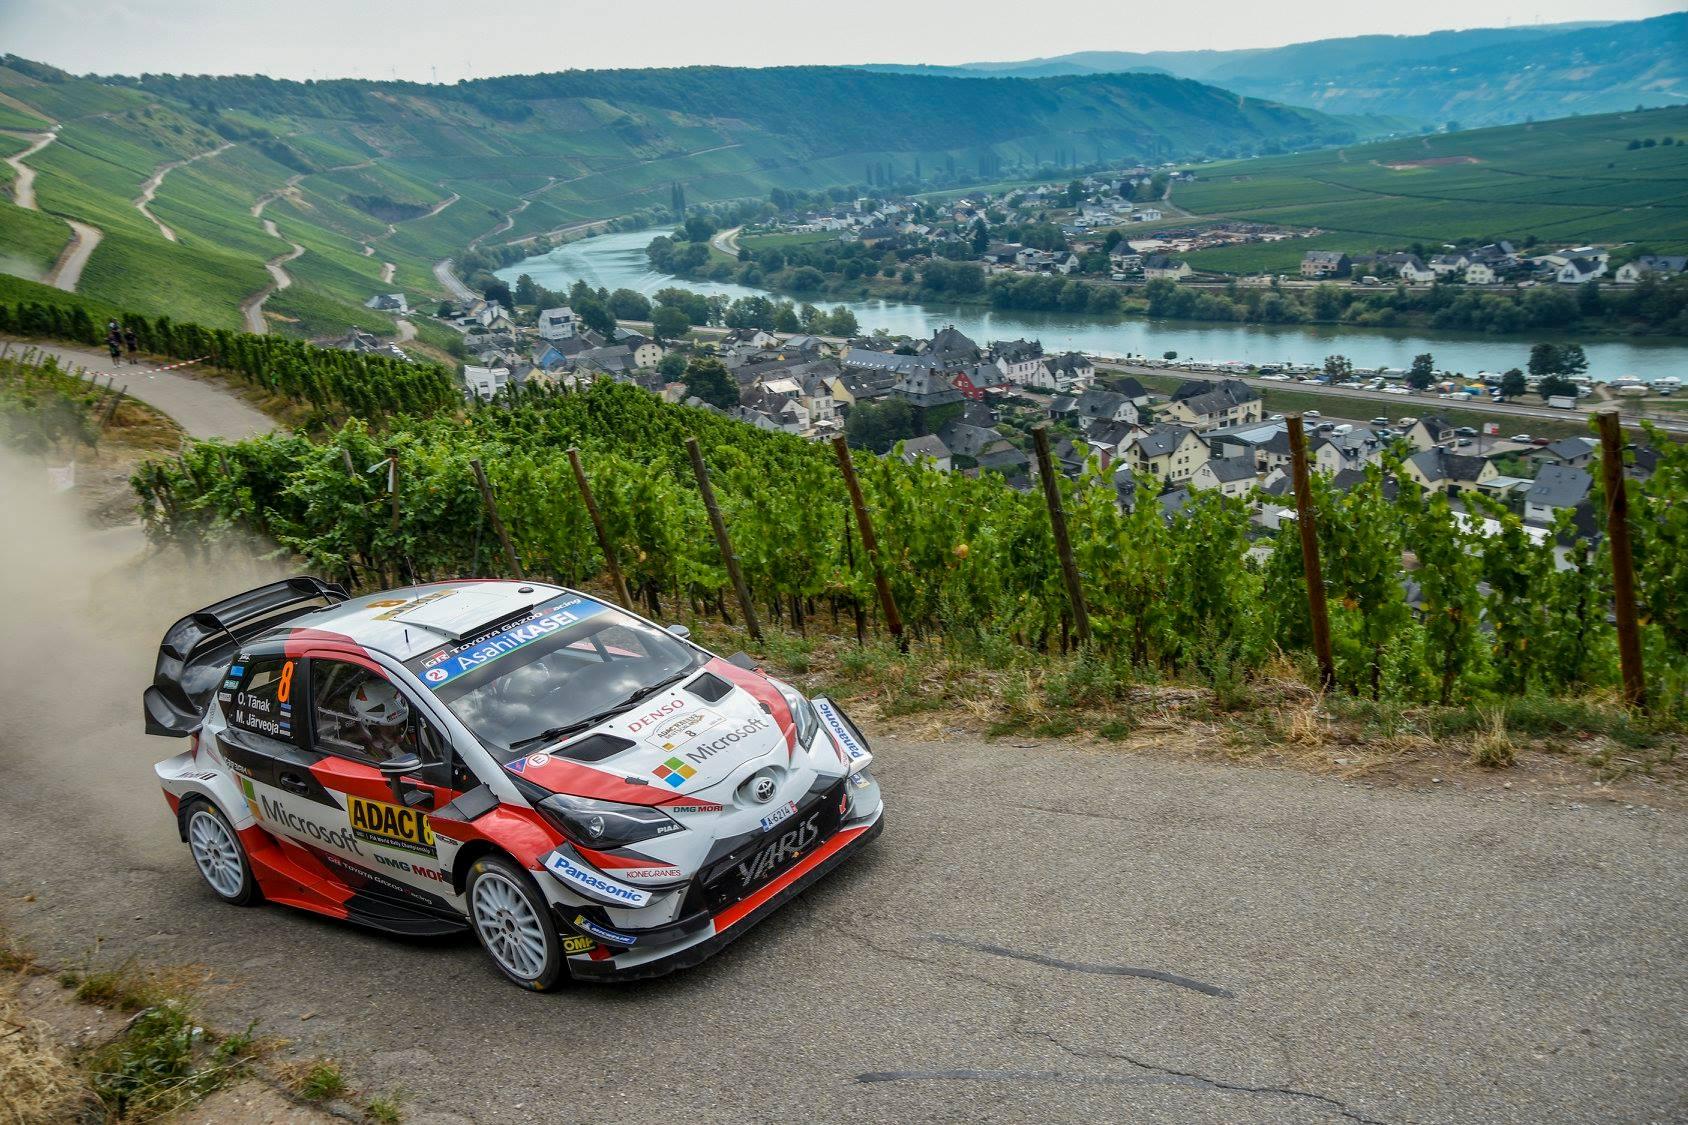 WRC RALLYE  D'ALLEMAGNE (ASPHALTE) du 16 au 19 août 2018 - Page 2 Tanak-Allemagne-2018-8